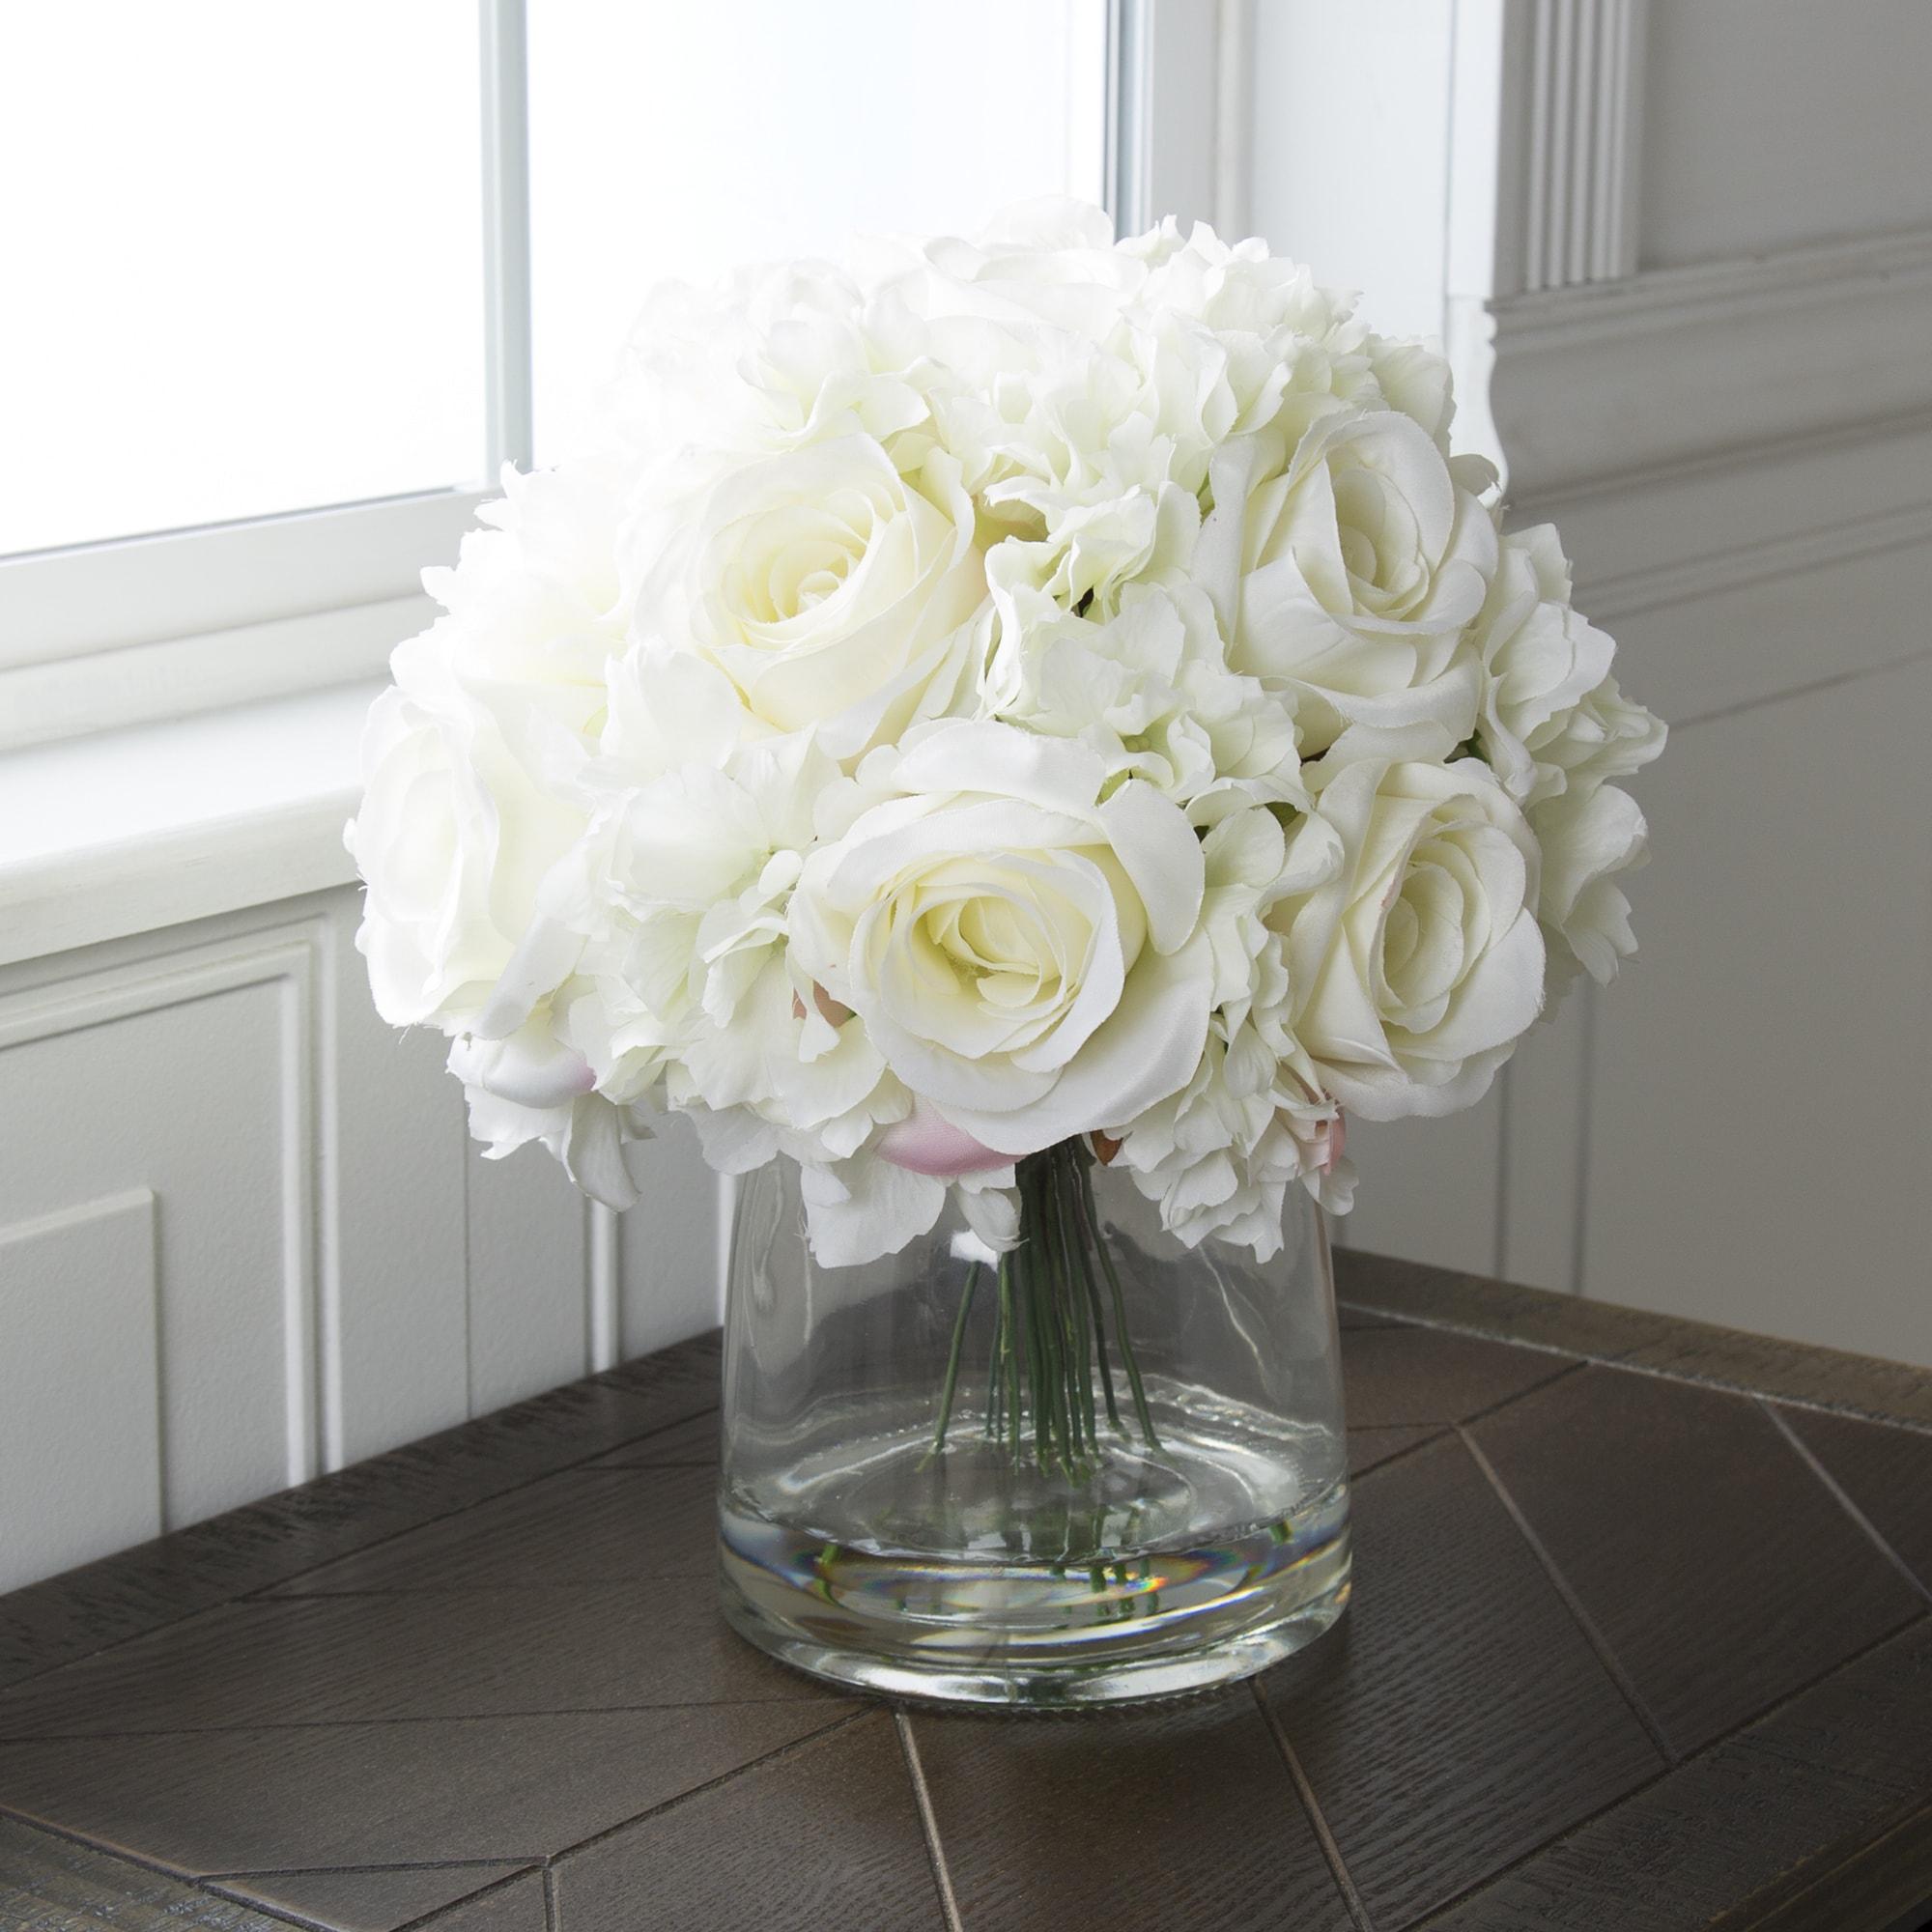 c373fae7c18f Pure Garden Hydrangea and Rose Floral Arrangement with Vase Cream ...